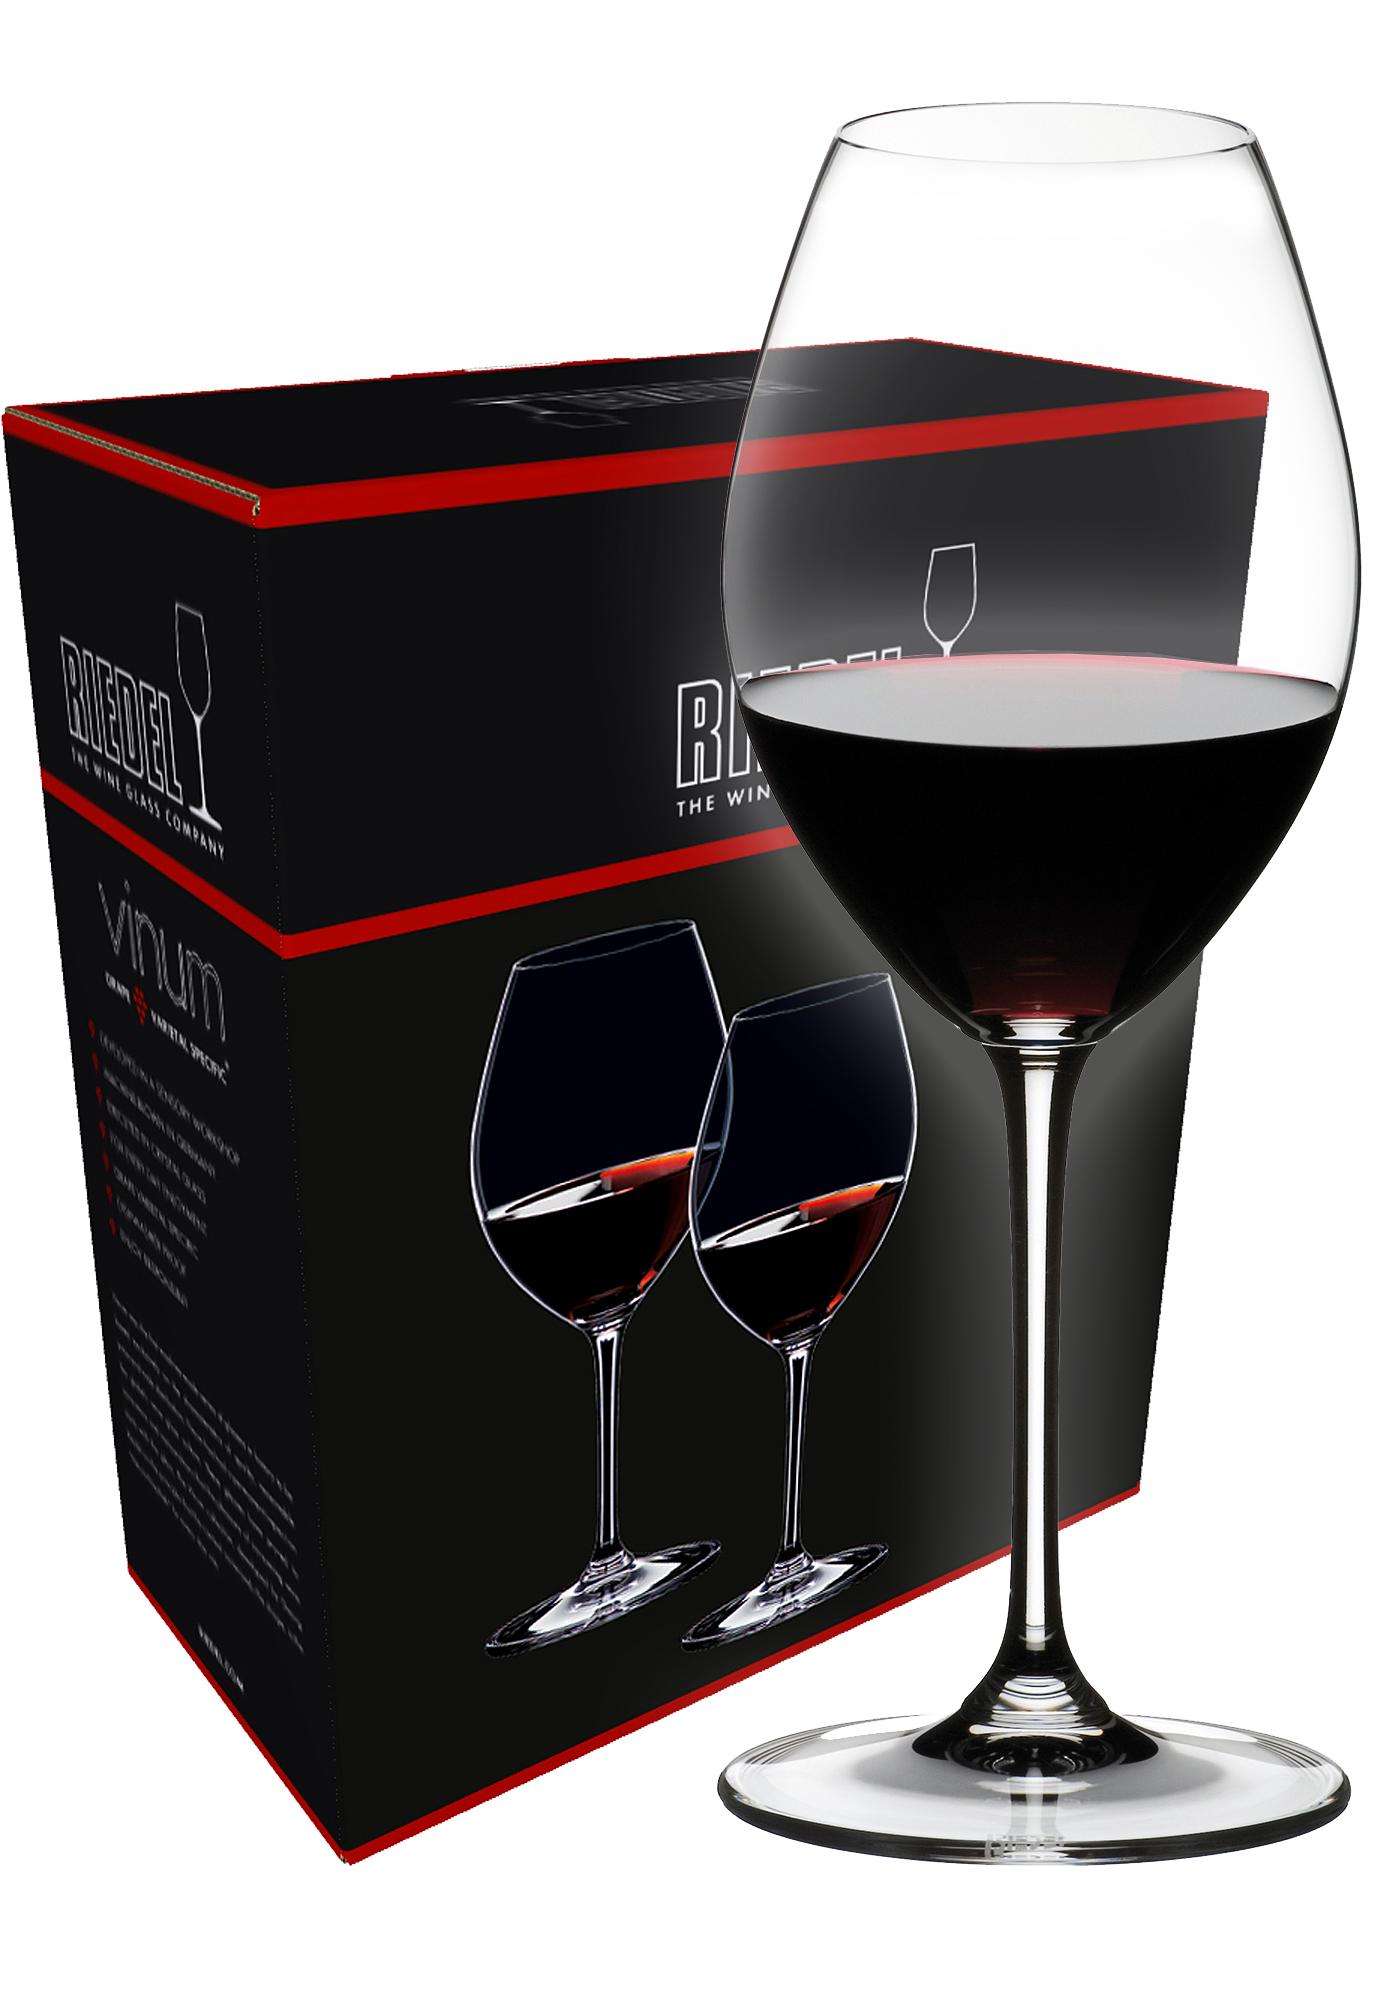 Riedel Vinum Tempranillo wijnglas (set van 2 voor € 44,90)